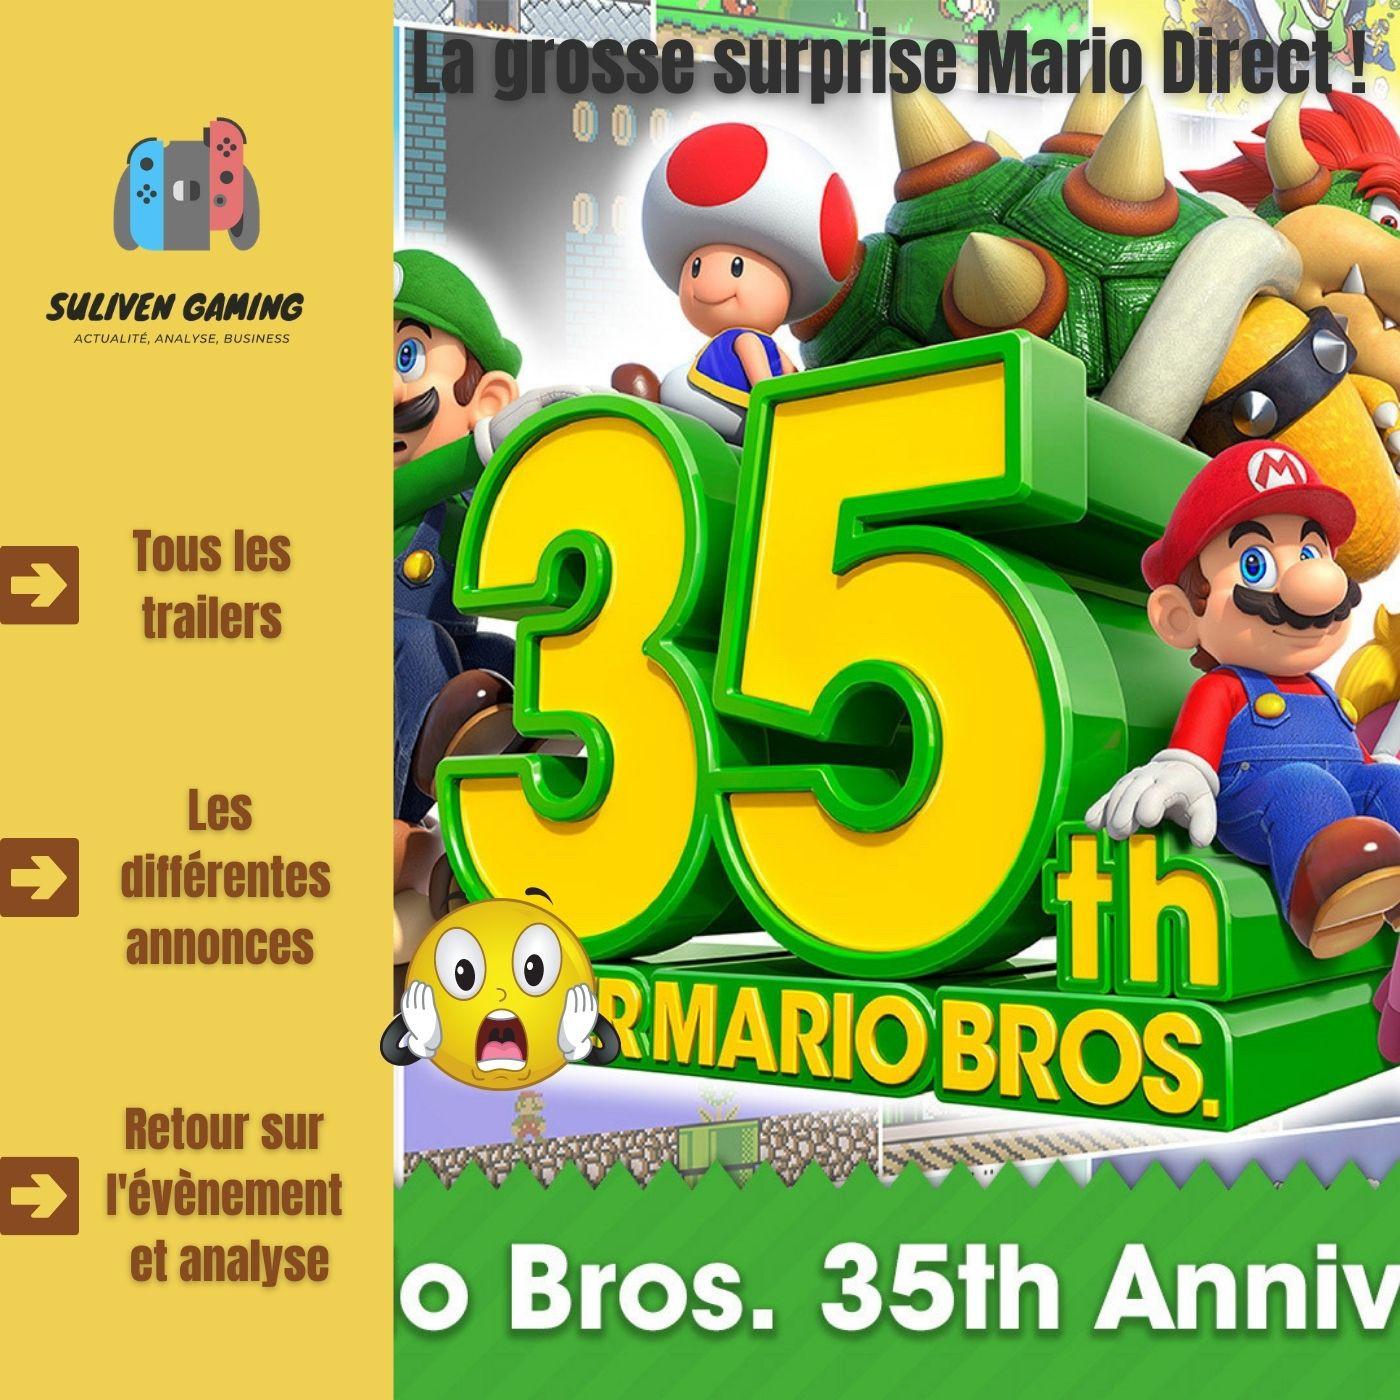 Retour sur l'événement Mario Direct 35ème Anniversaire ! 🔥